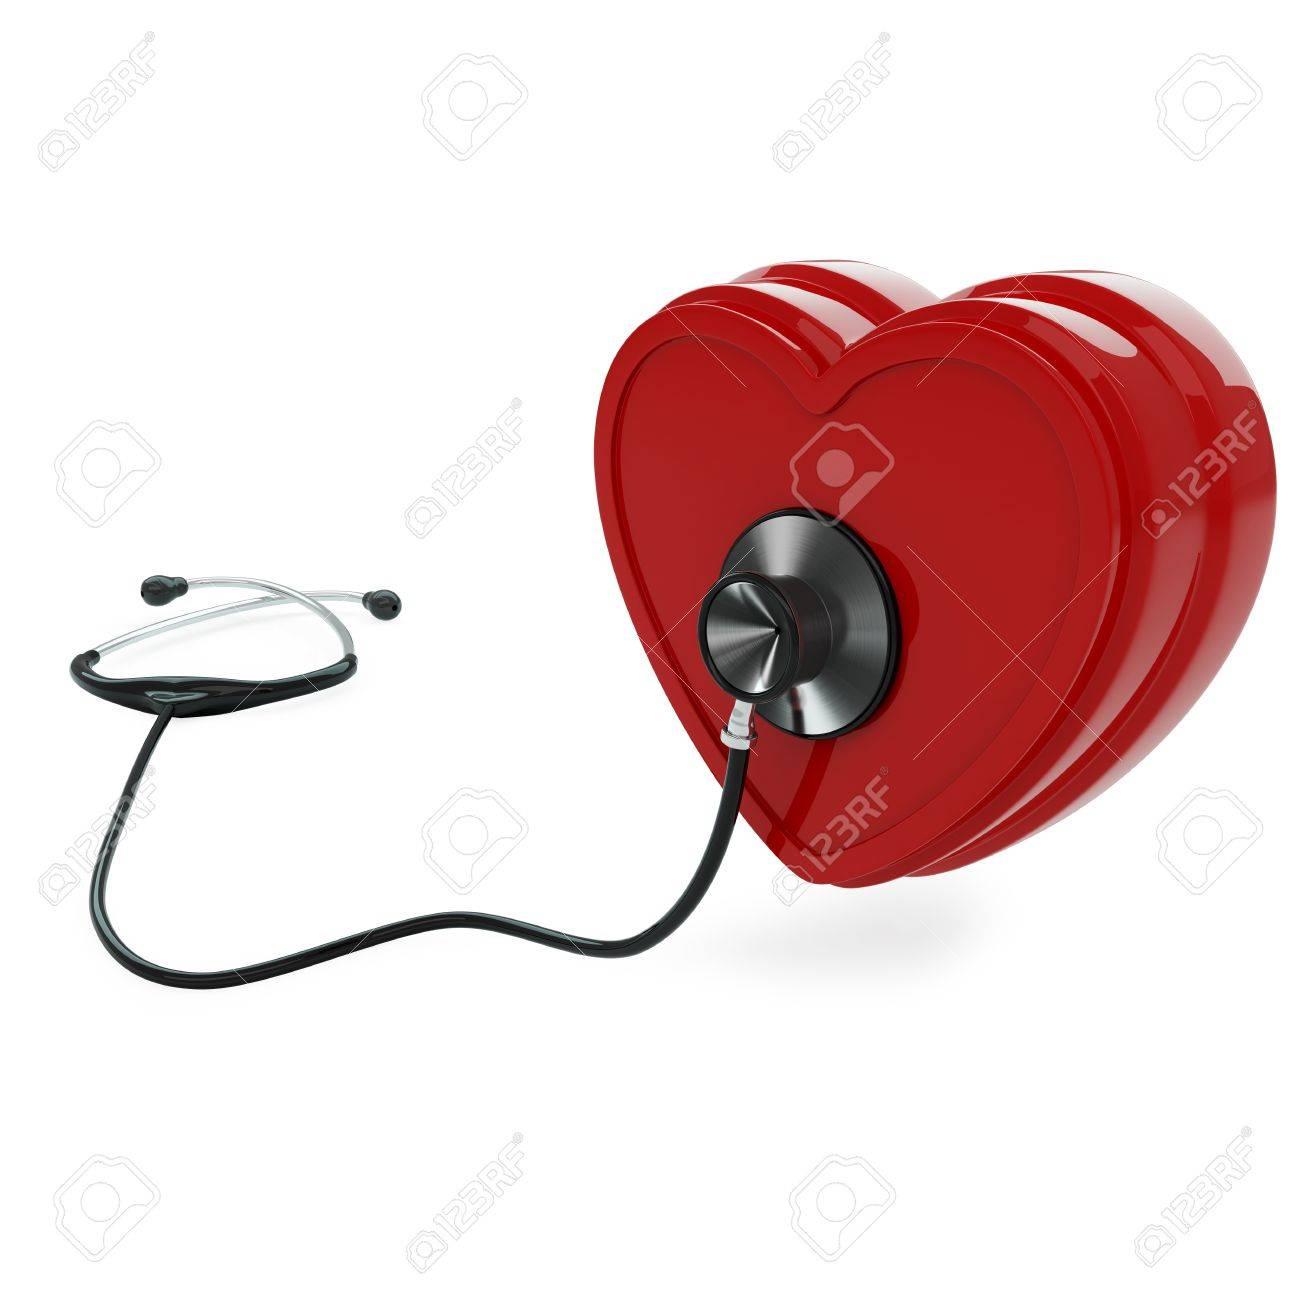 Isolated stethoscope examing heart on white background Stock Photo - 17697175